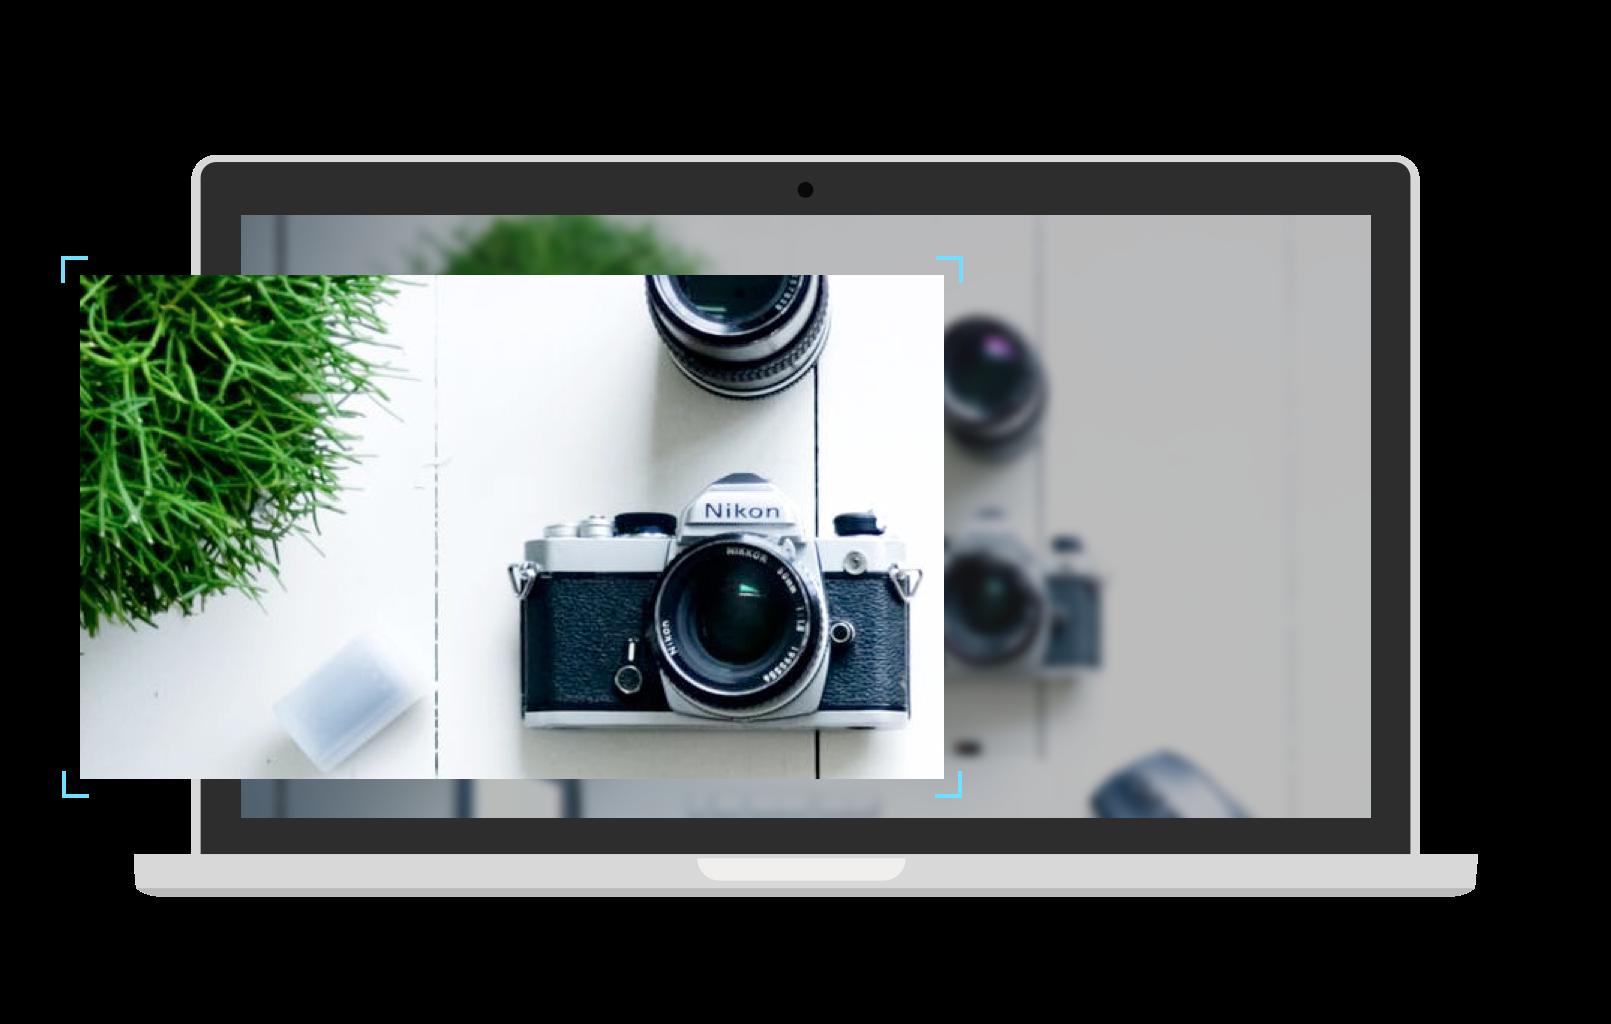 screenshot tool for mac